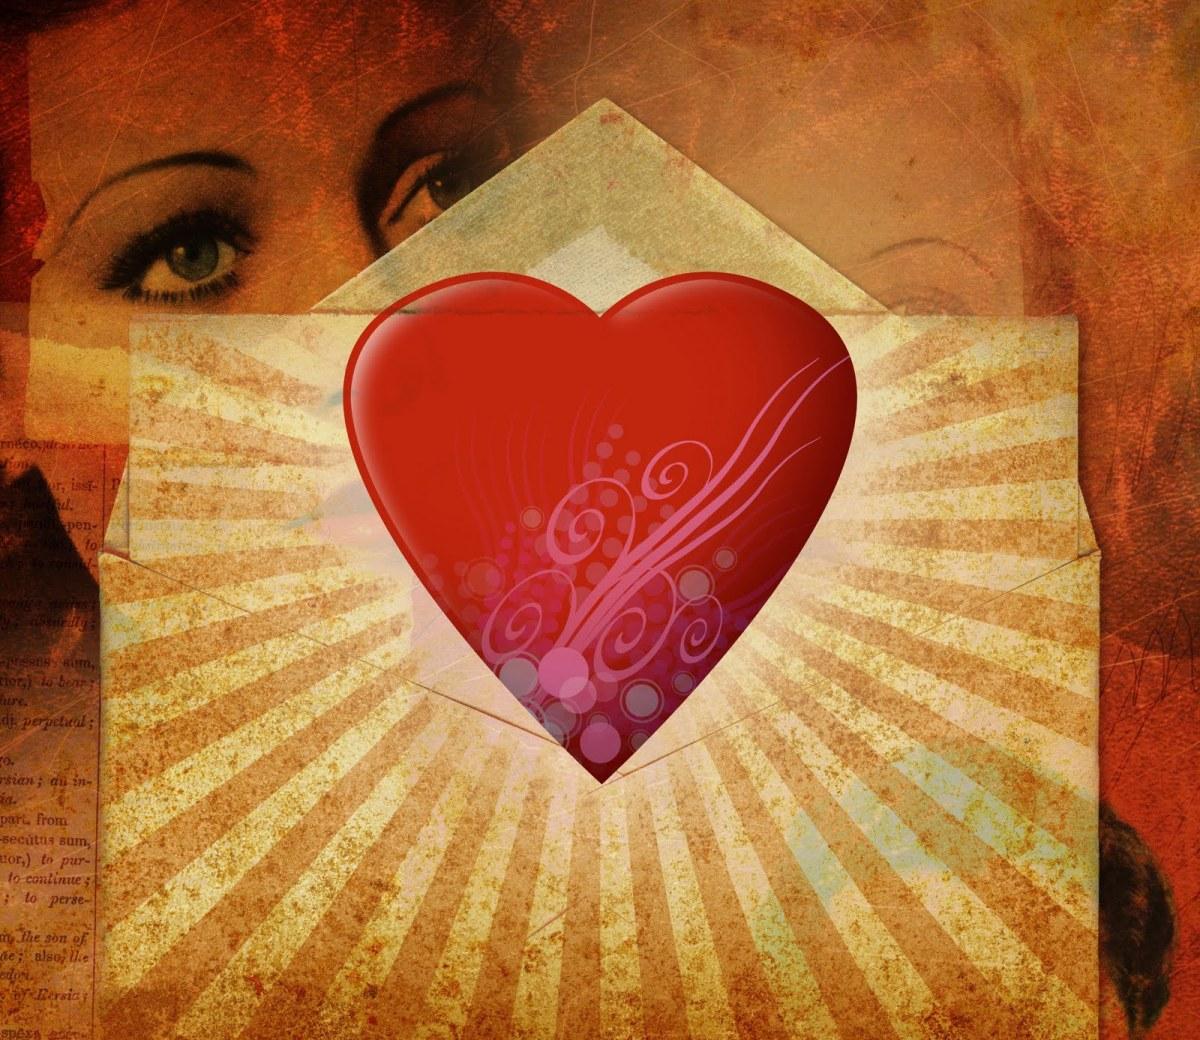 энцефалит картинки с сердцами и признаниями в любви вот насколько безопасно